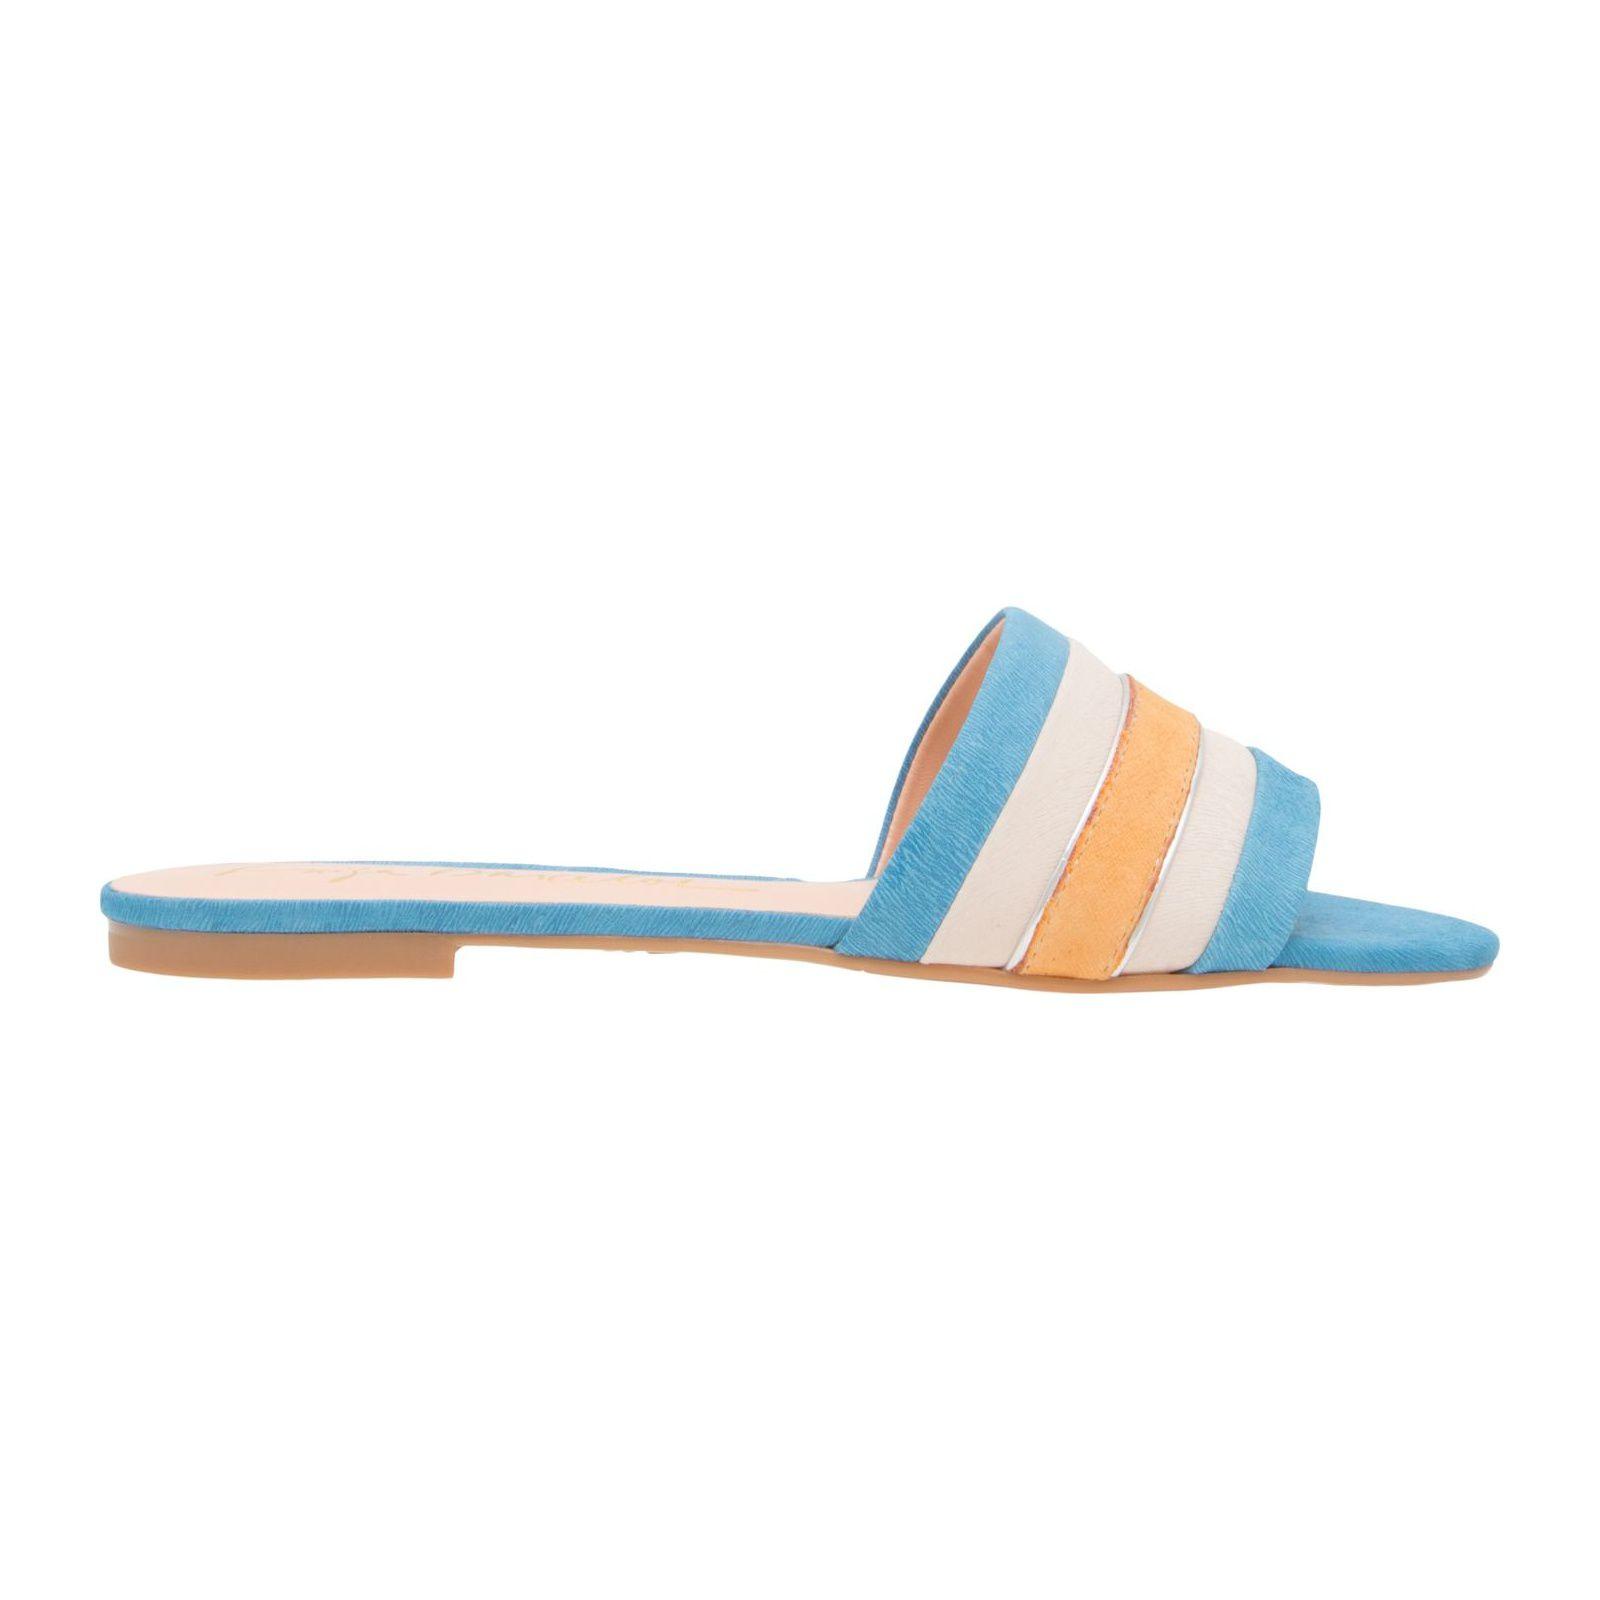 Sandália Rasteira Lince - Azul